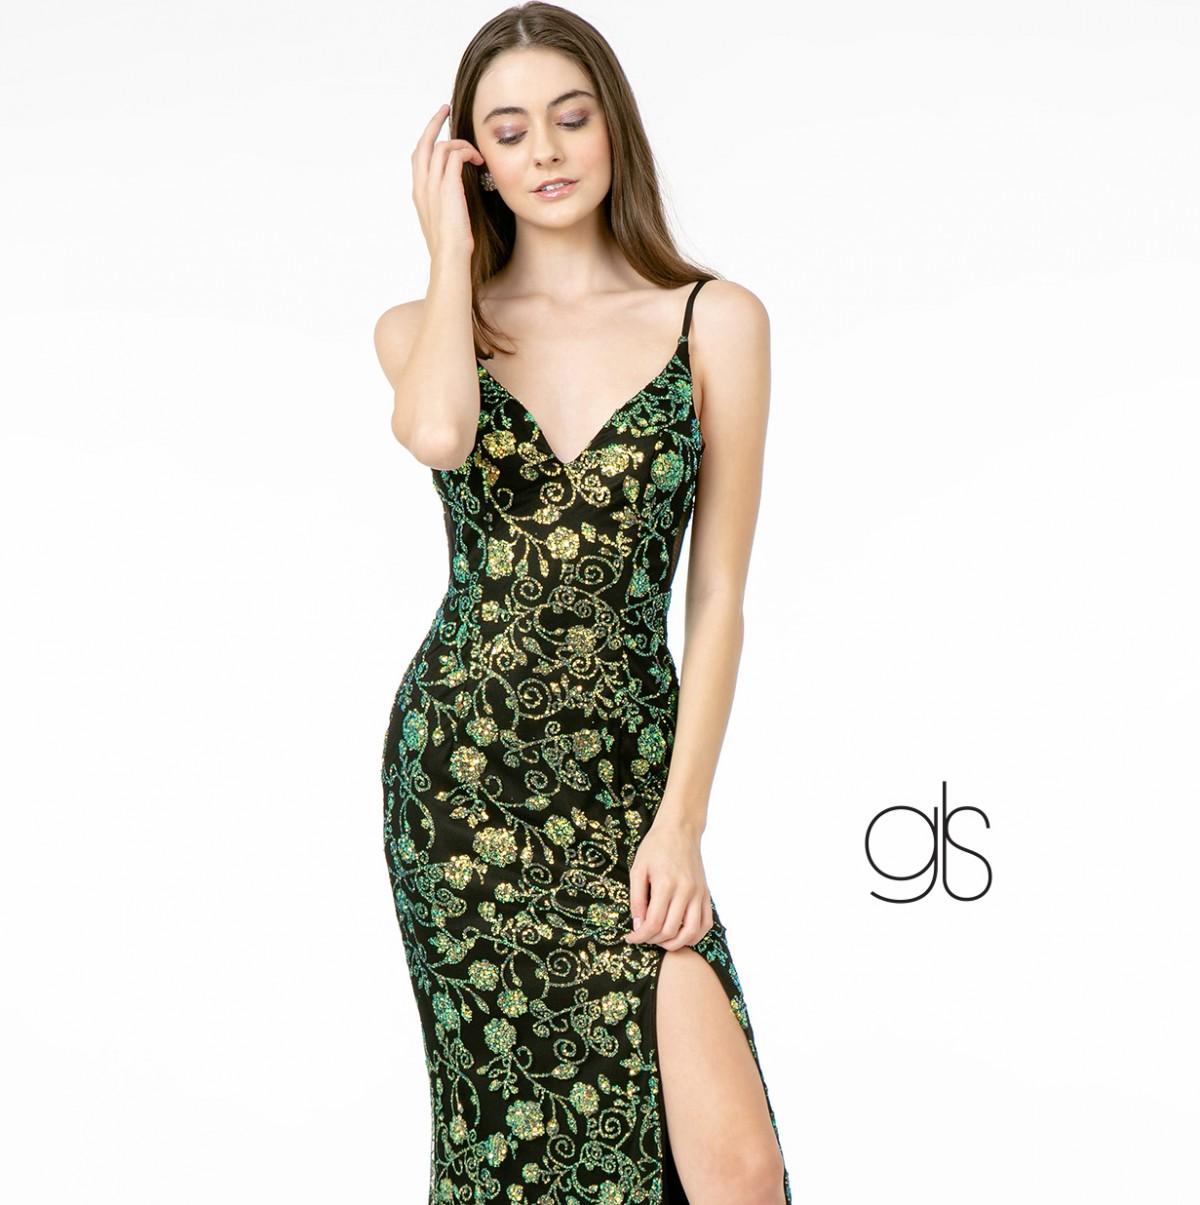 Sequin and Glitter Pattern Sparkled V-Neck Long Dress w/ Leg Slit